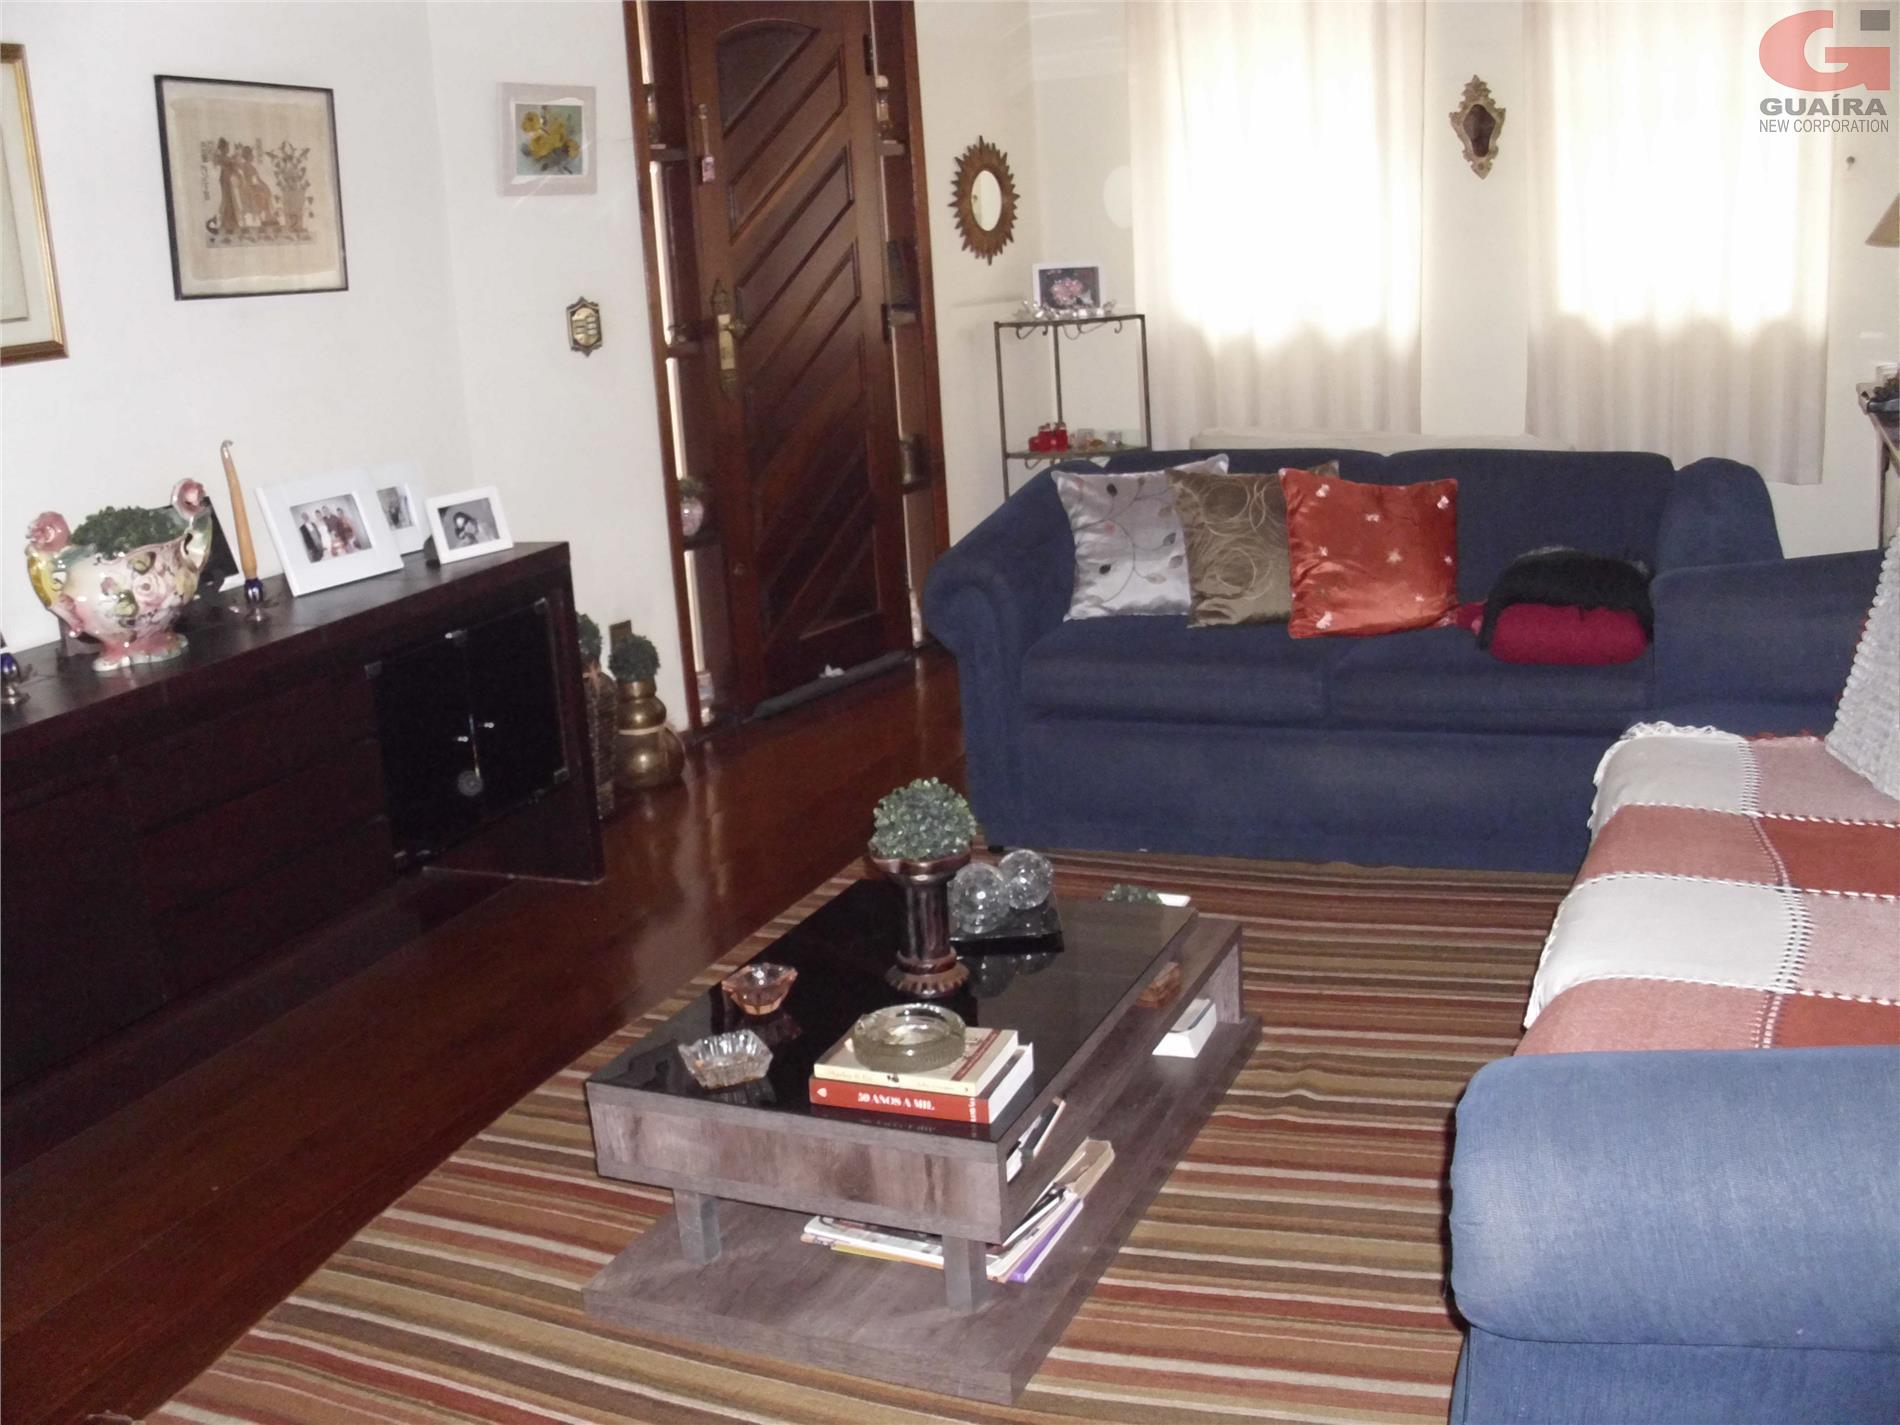 Sobrado de 3 dormitórios à venda em Vila Pires, Santo André - SP